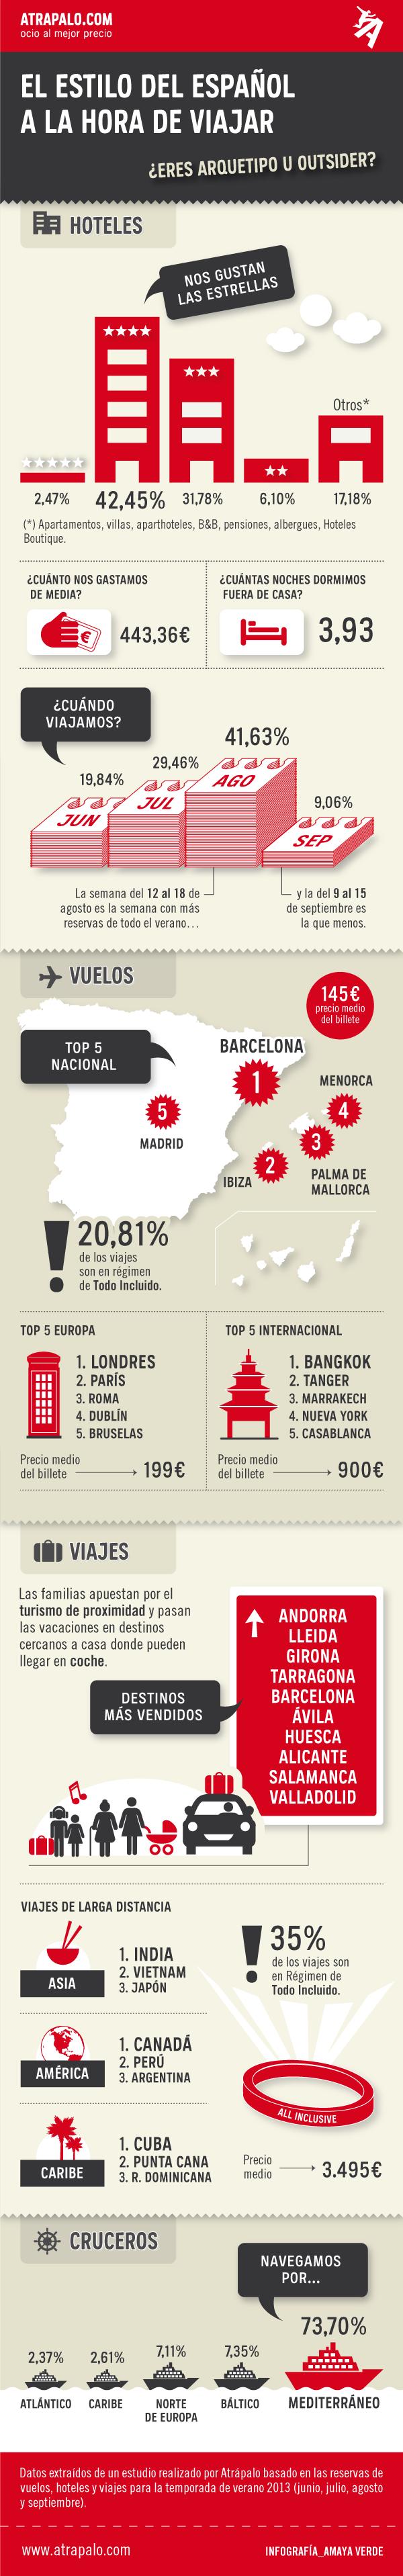 Infografia Hábitos viajeros